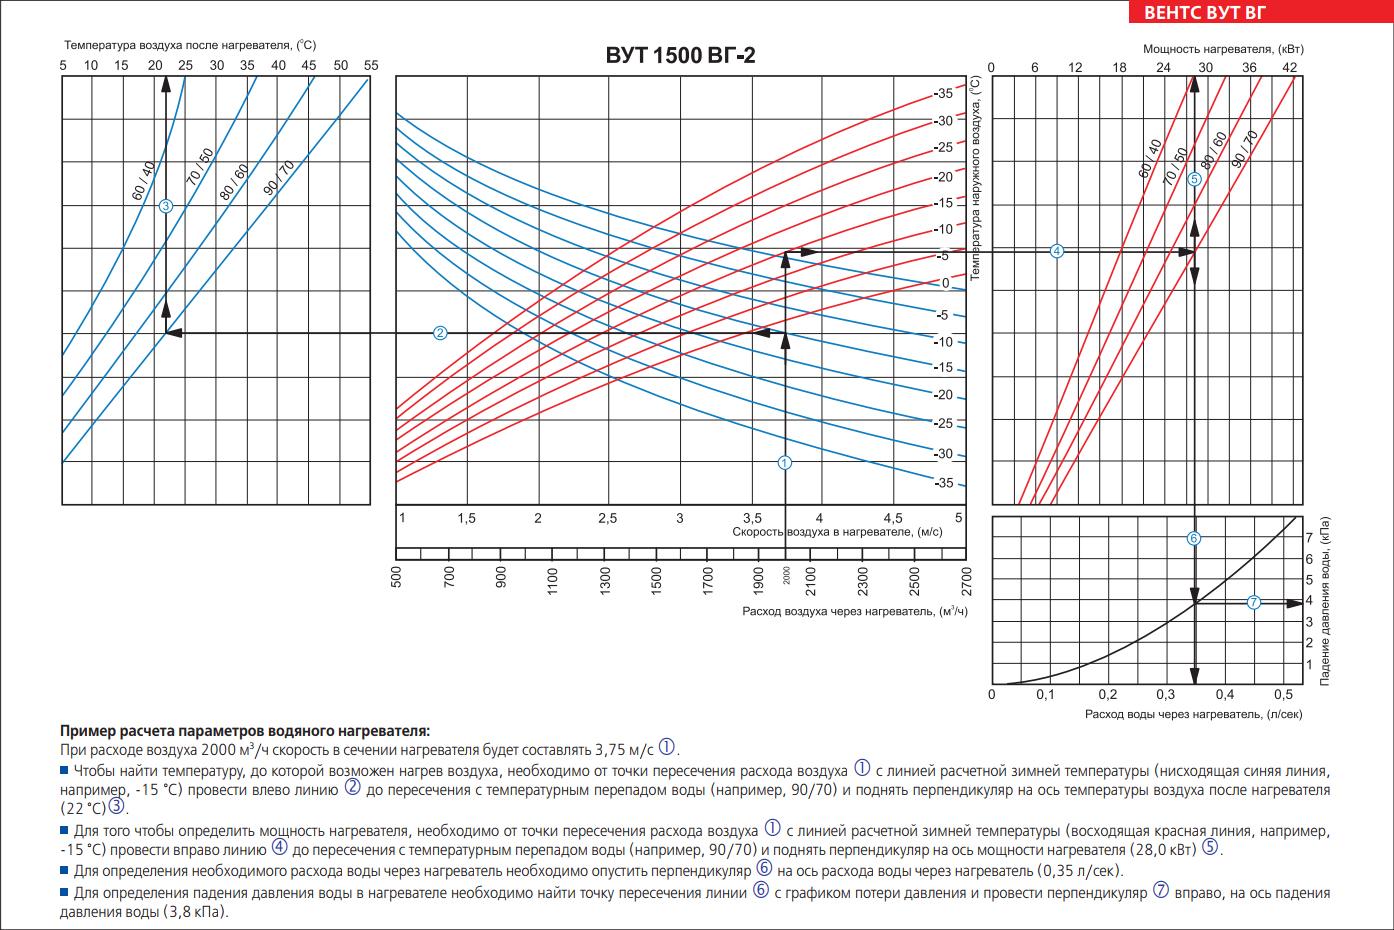 Как создать оптимальные условия существования? какое давление должно быть в системе отопления